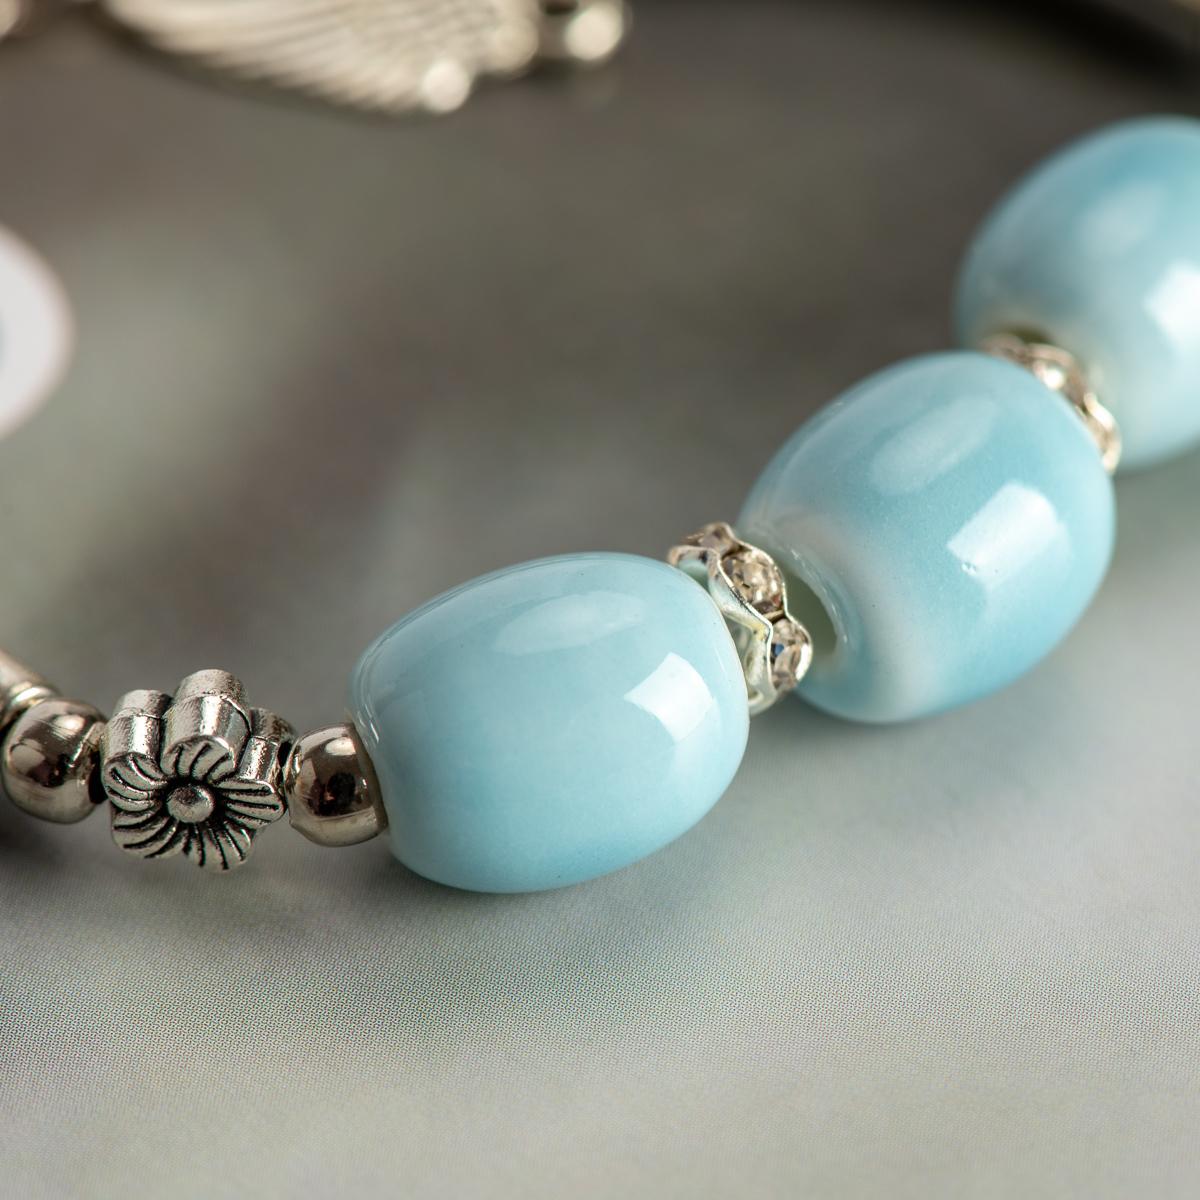 Modeschmuck Armbänder China Keramik Stein Armbänder Partei-Geschenk-Perlen Boho Keramik Schmuck für Frauen Tropfenverschiffen # HY566